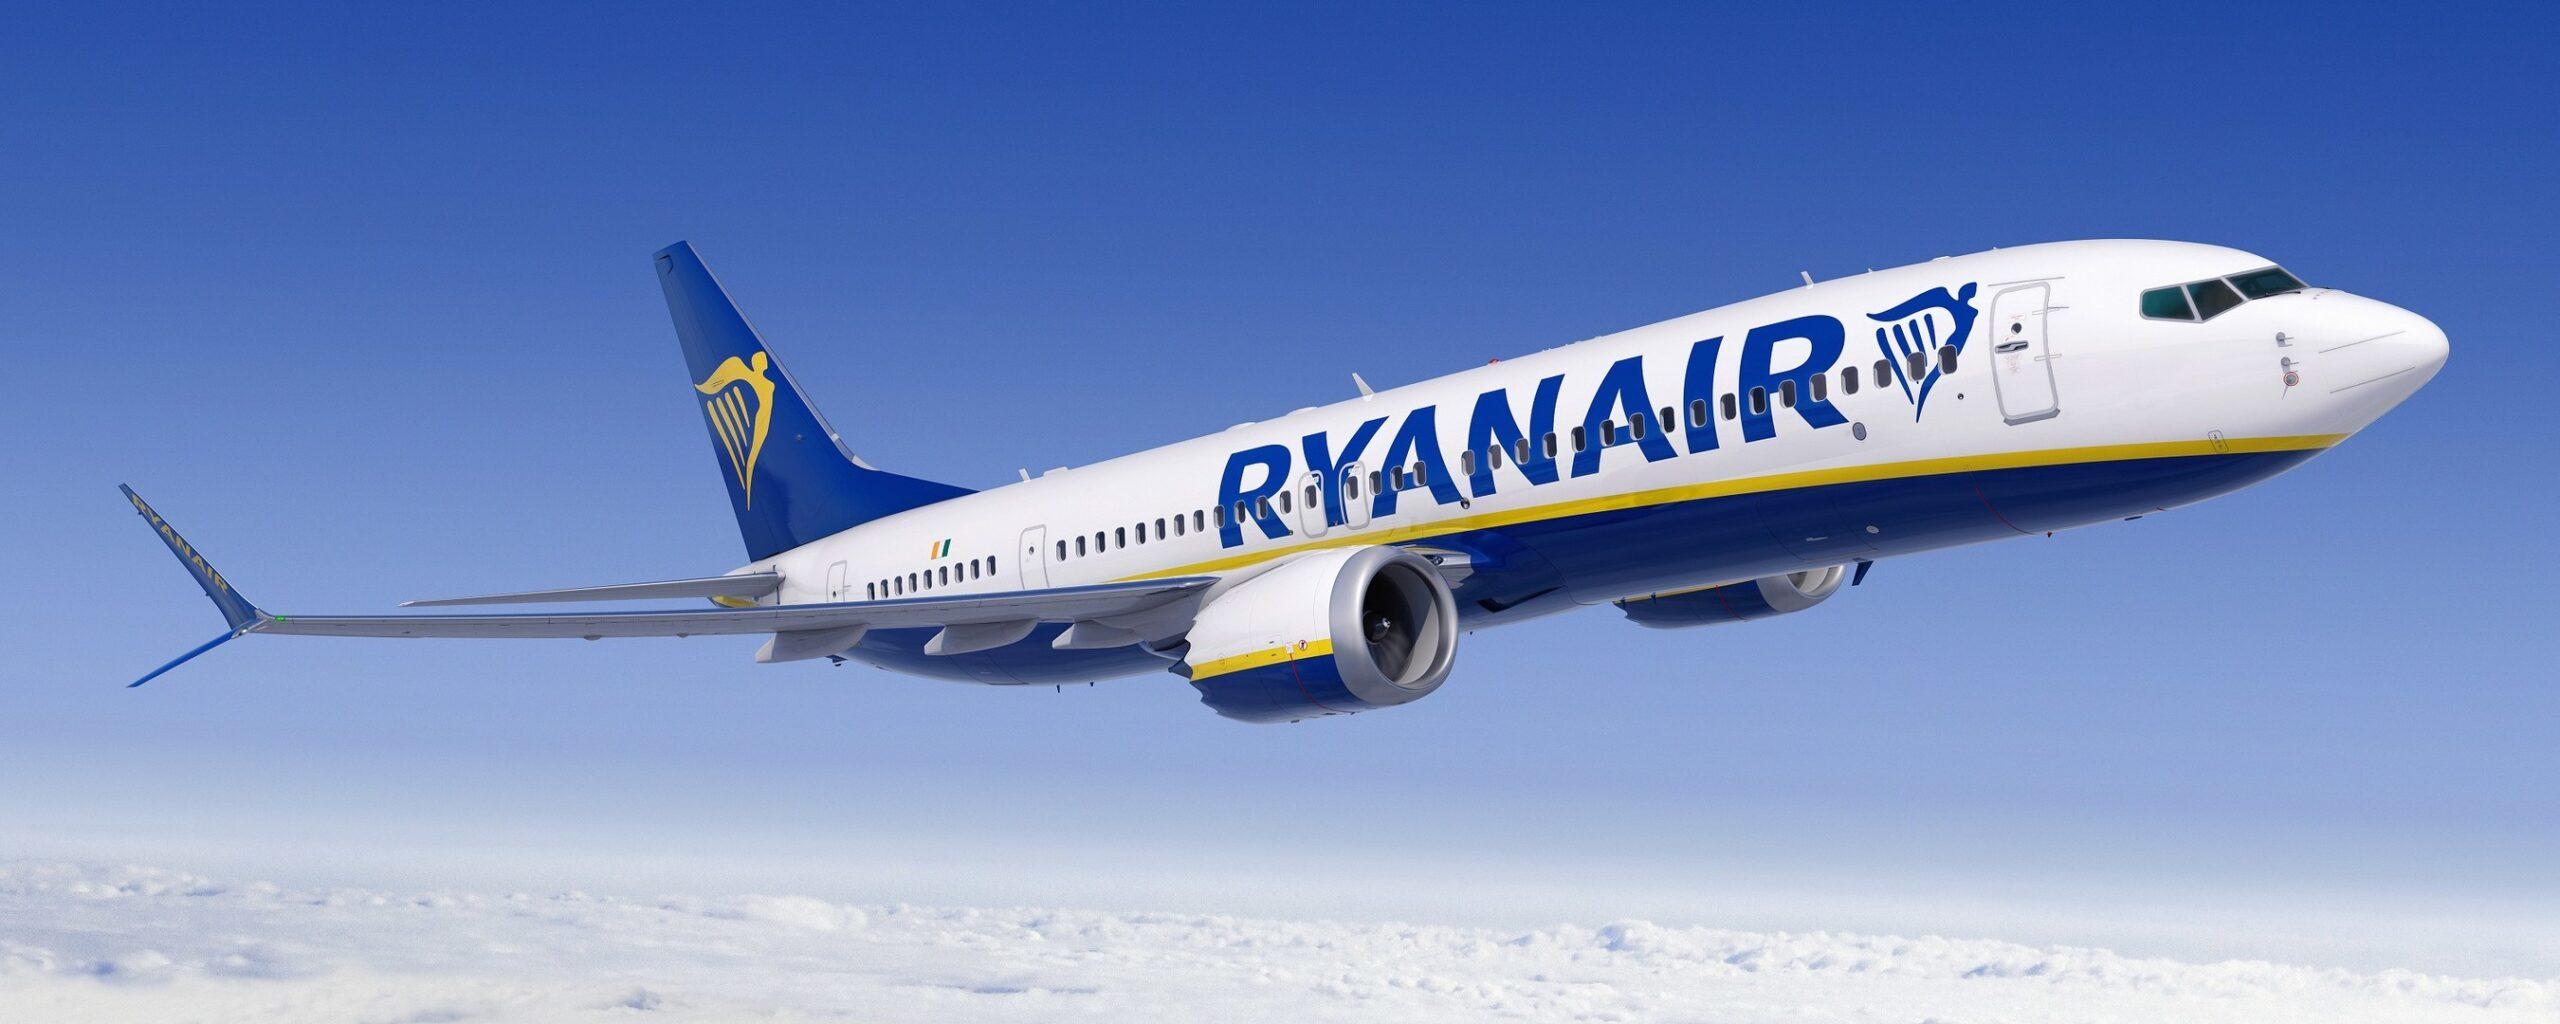 Ryanair Orders 75 More Boeing 737 MAX Jets